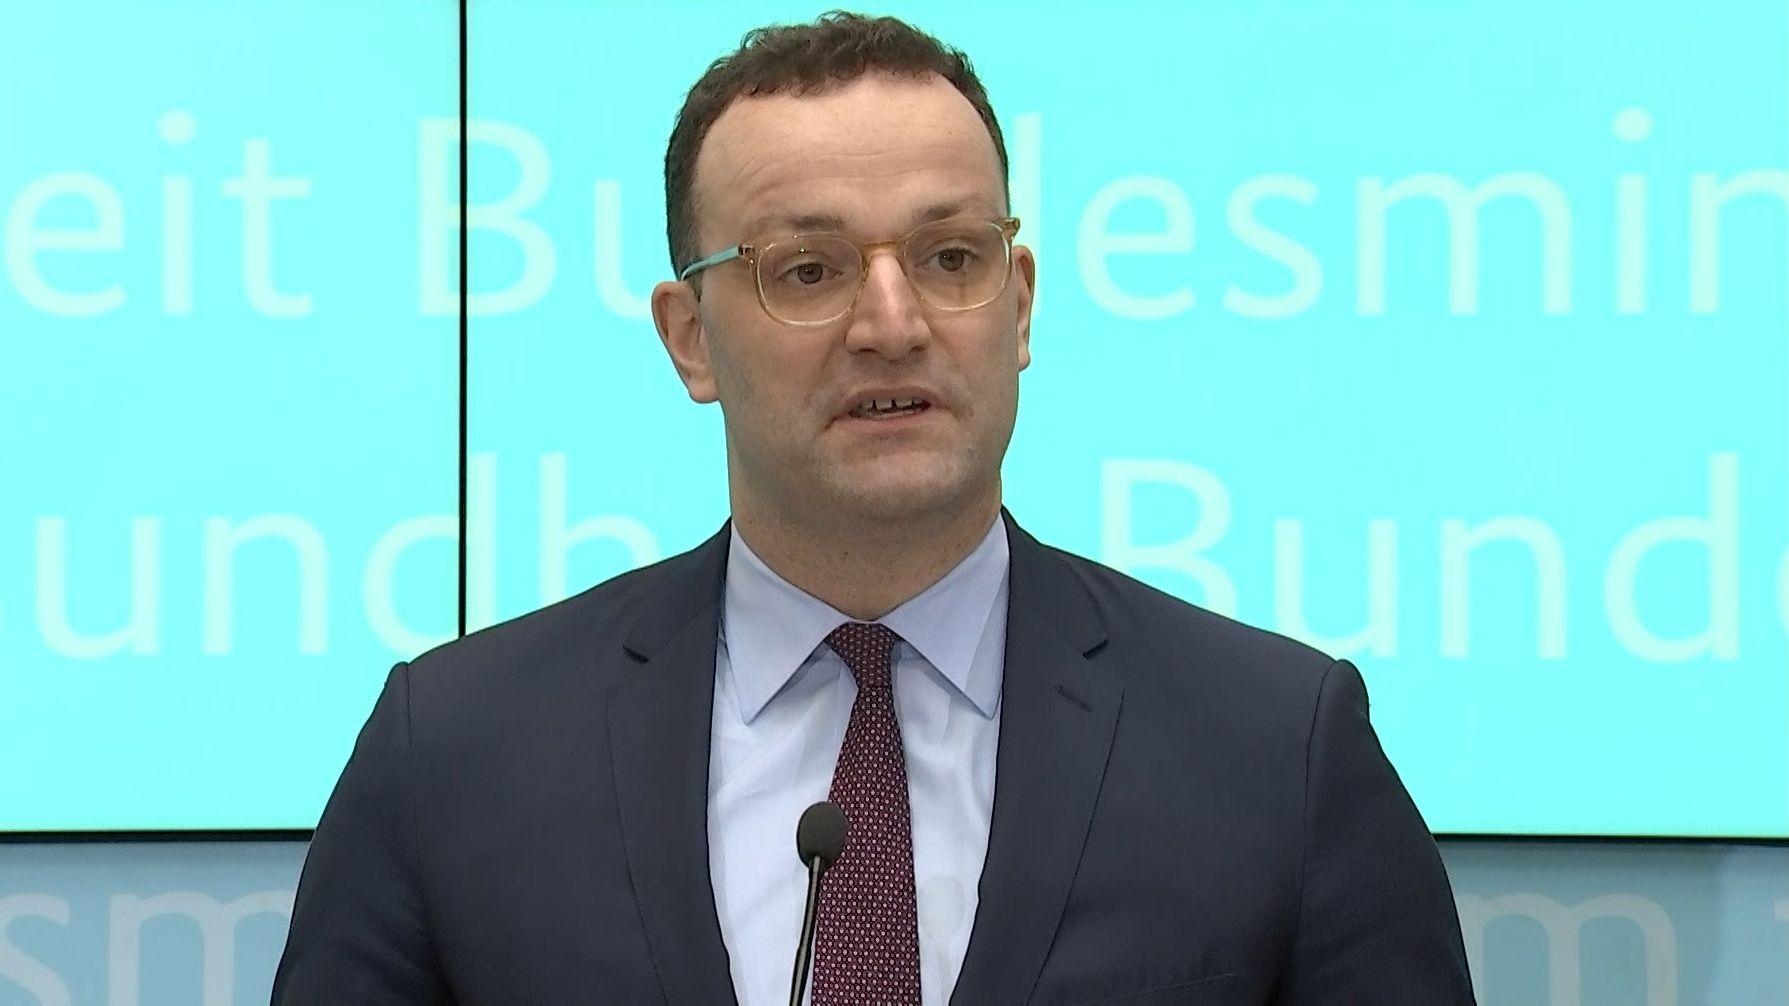 Portrait von Jens Spahn (CDU), Bundesgesundheitsminister